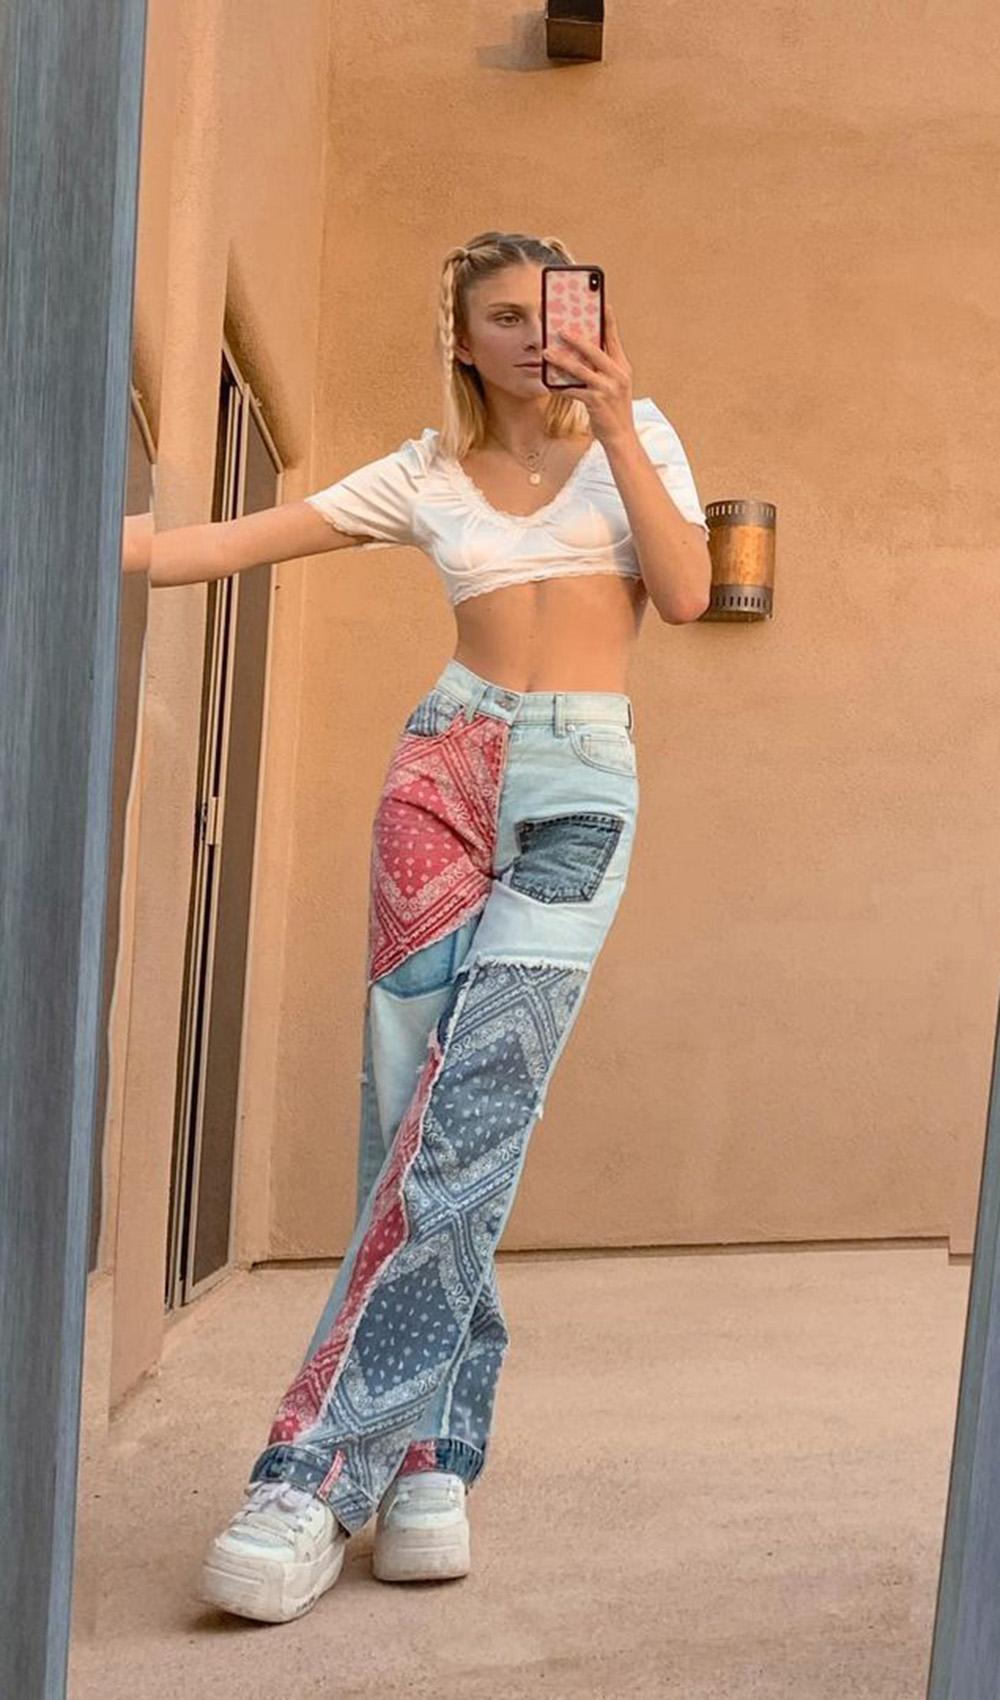 calça jeans com patches e tênis branco